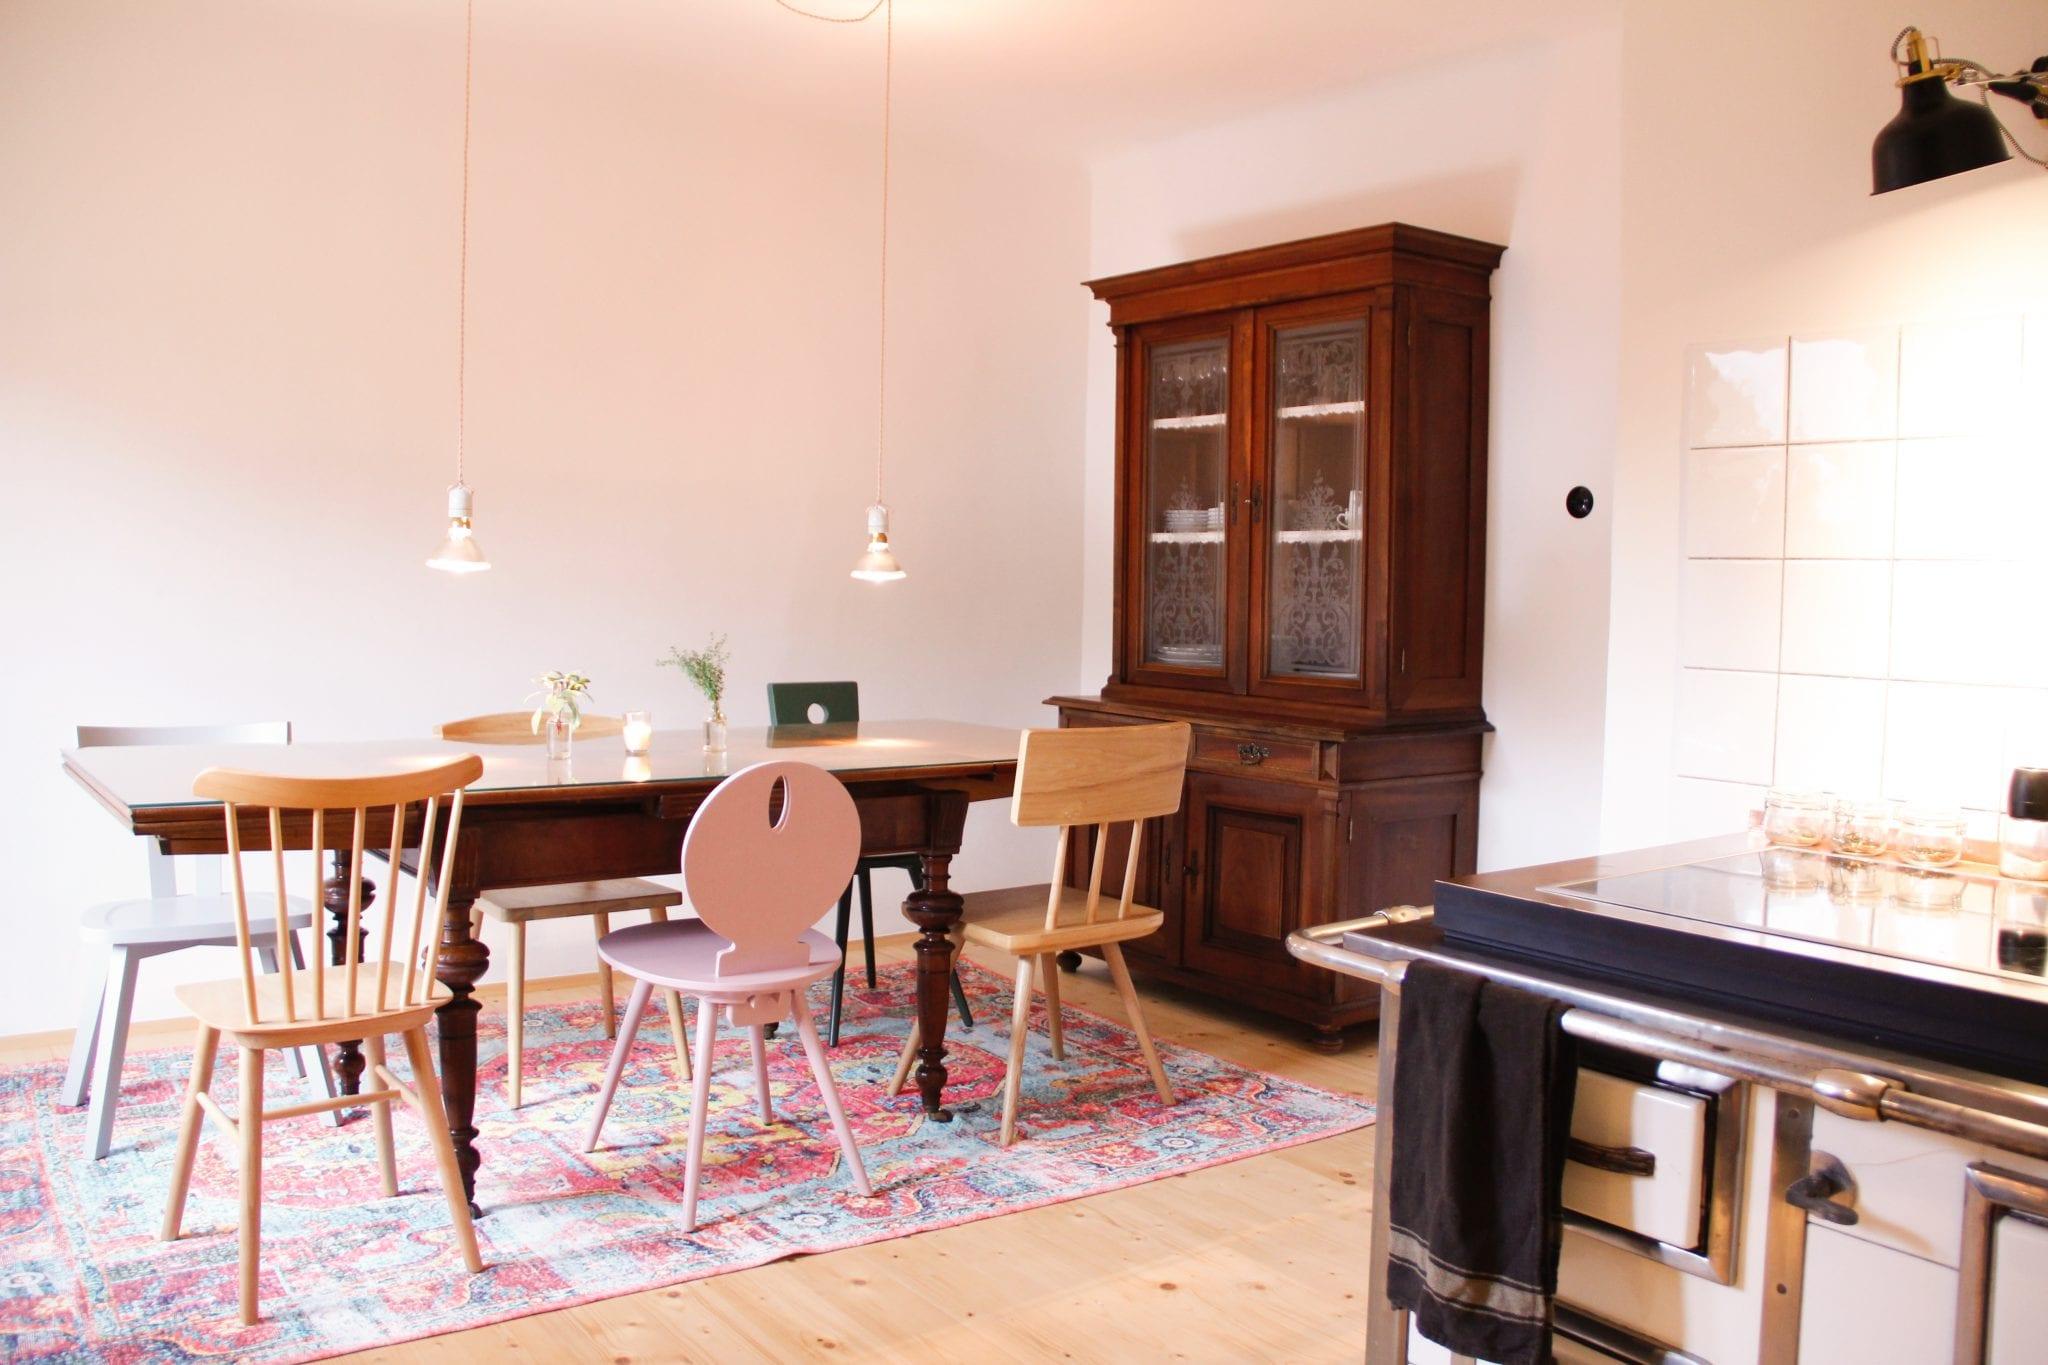 Küche und Essplatz im Haupthaus